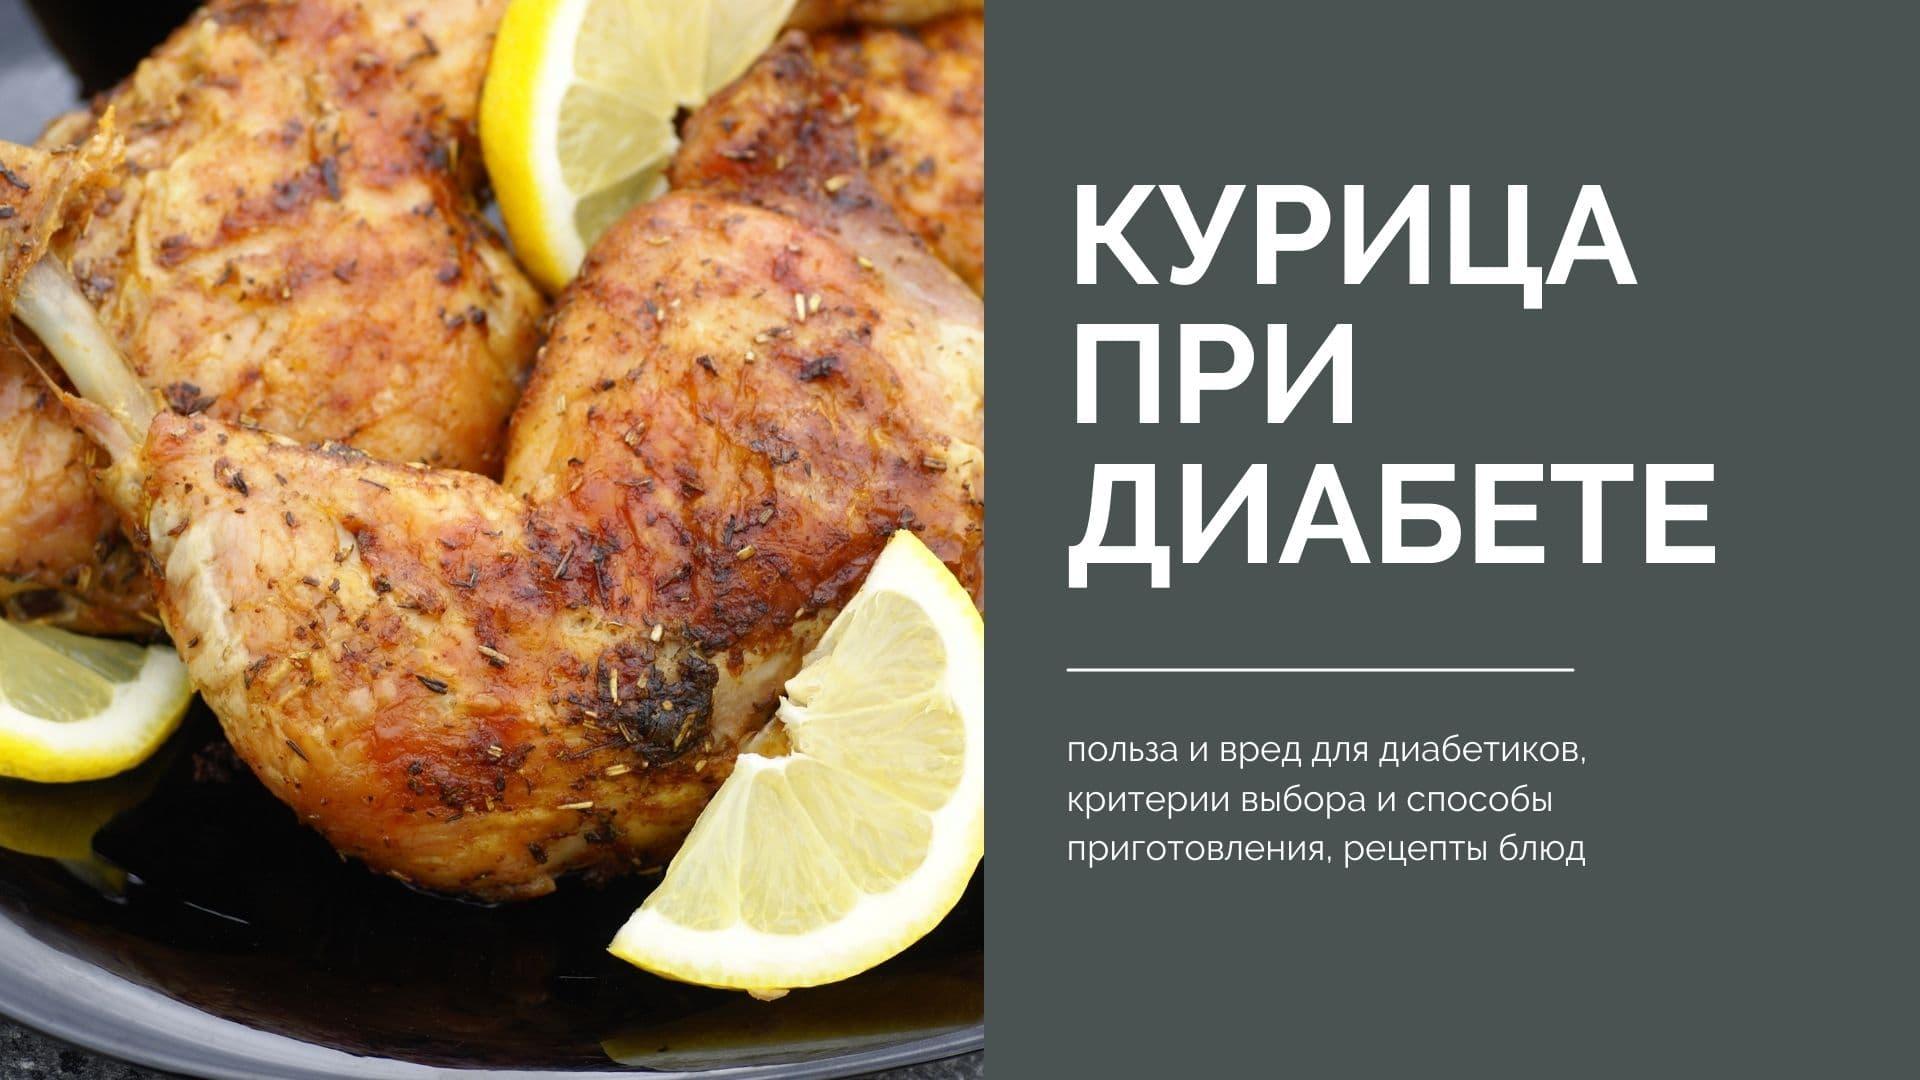 Курица при диабете: польза и вред для диабетиков, критерии выбора и способы приготовления, рецепты блюд